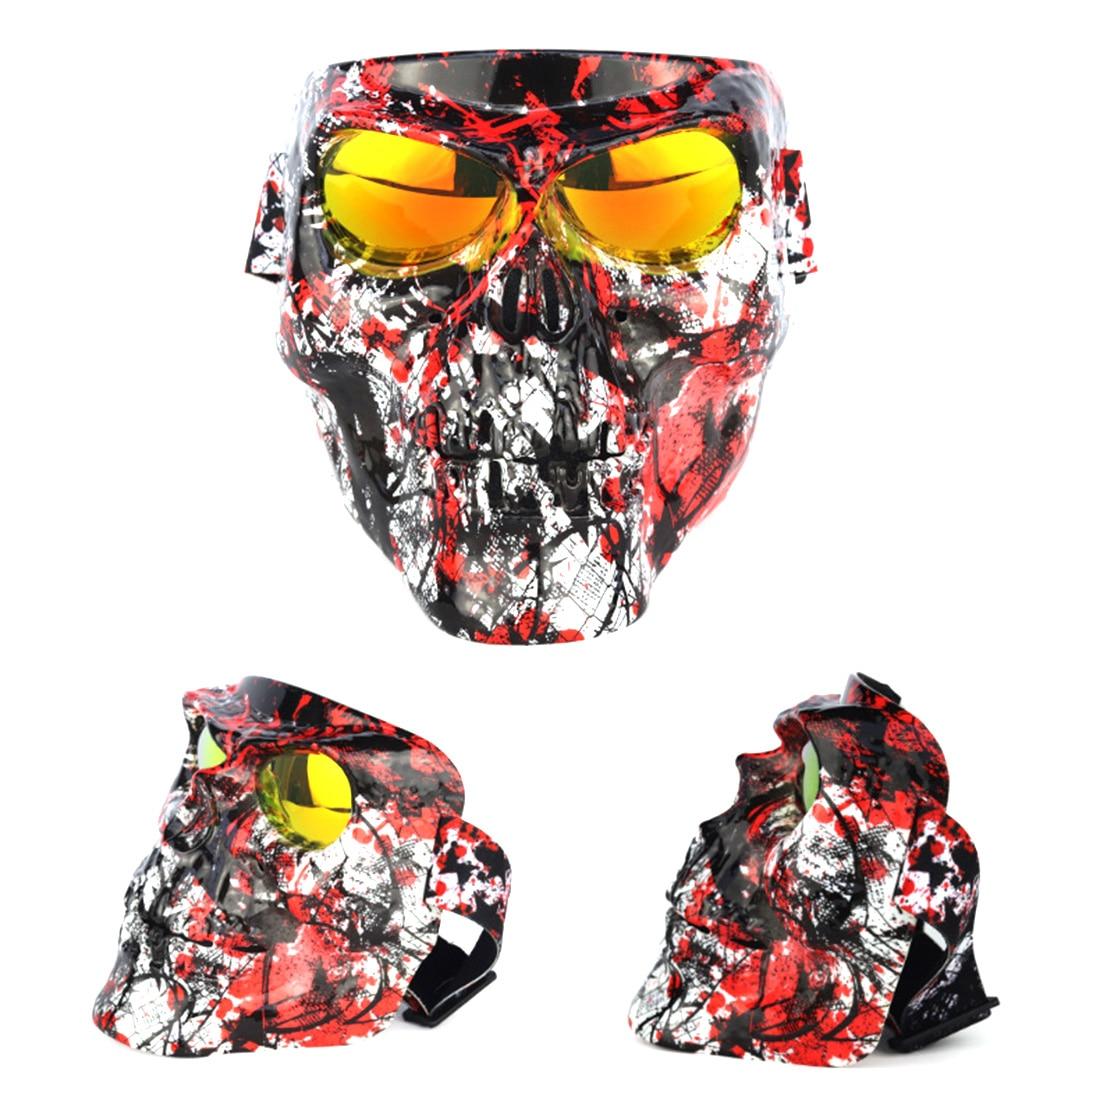 Pour Nerf Jeux de Guerre 18 cm Galvanoplastie Crâne Tactique Masque Coupe-Vent Lunettes pour Airsoft Halloween Jouets de Plein Air